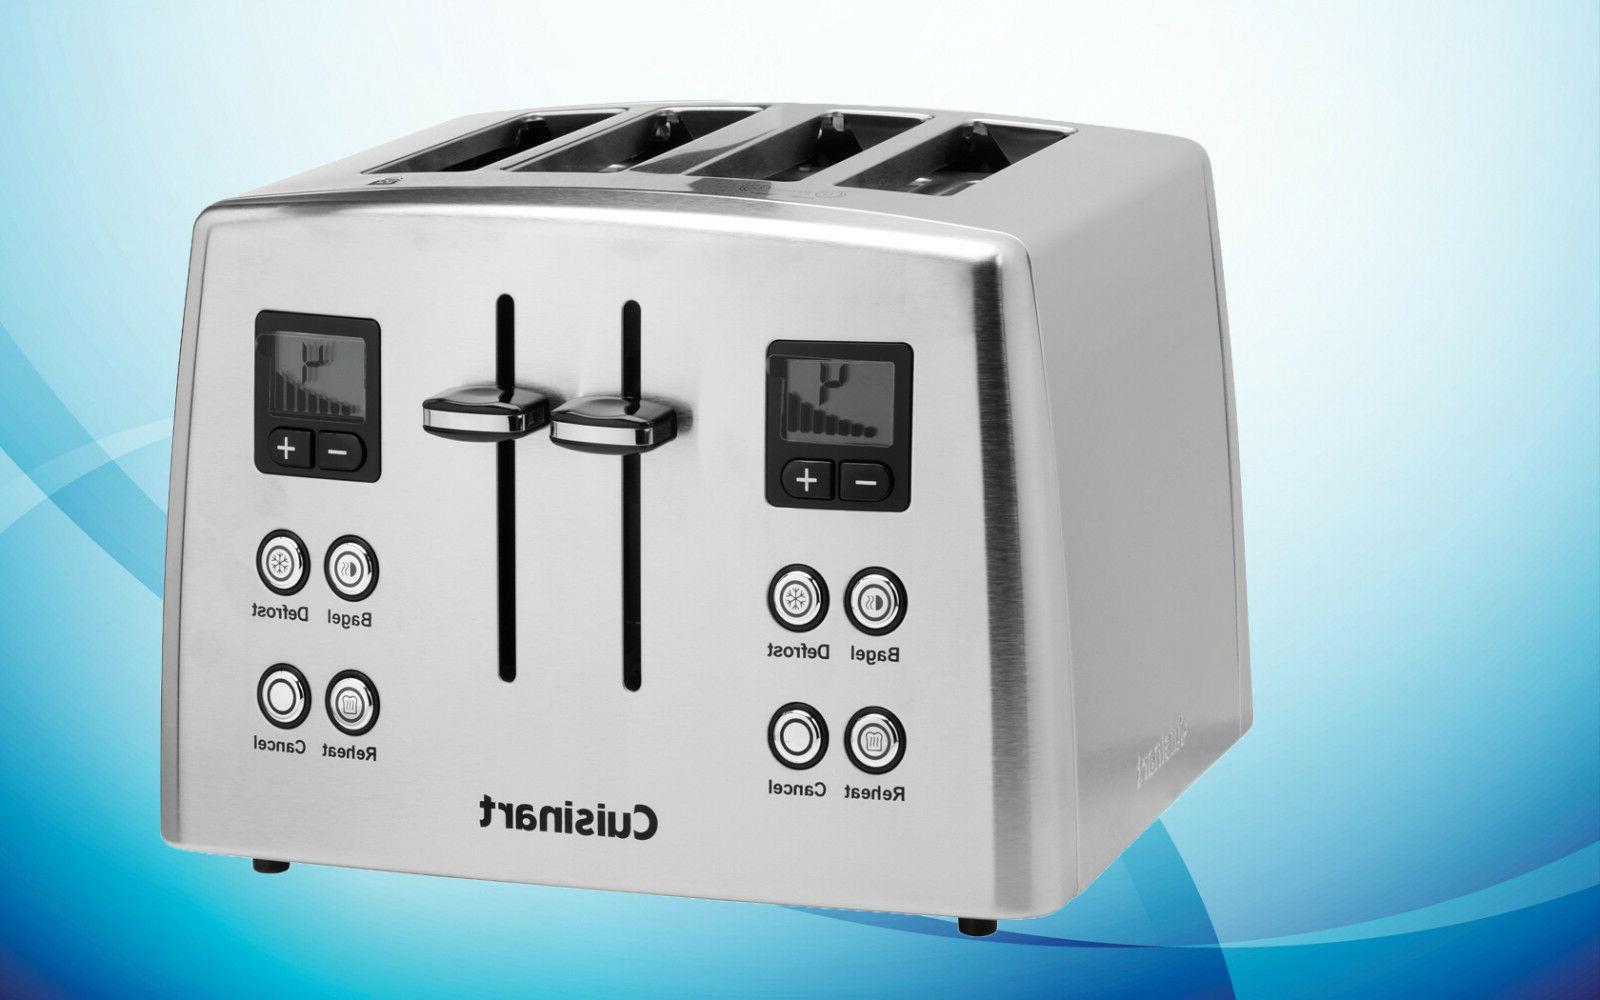 Cuisinart Toasters 4-Slice Toaster